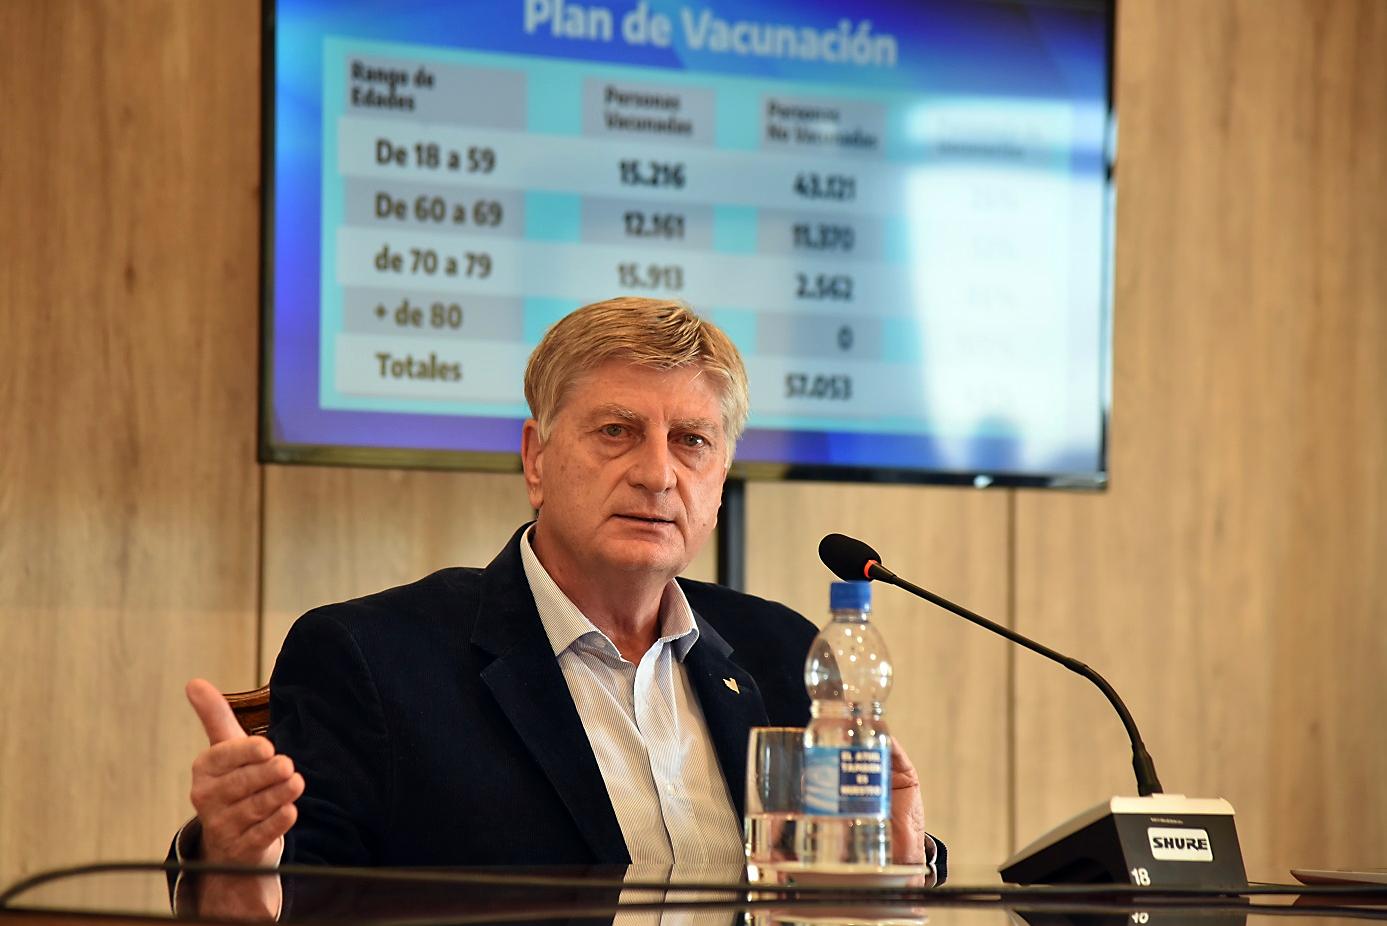 El Gobernador anunció nuevas restricciones para La Pampa